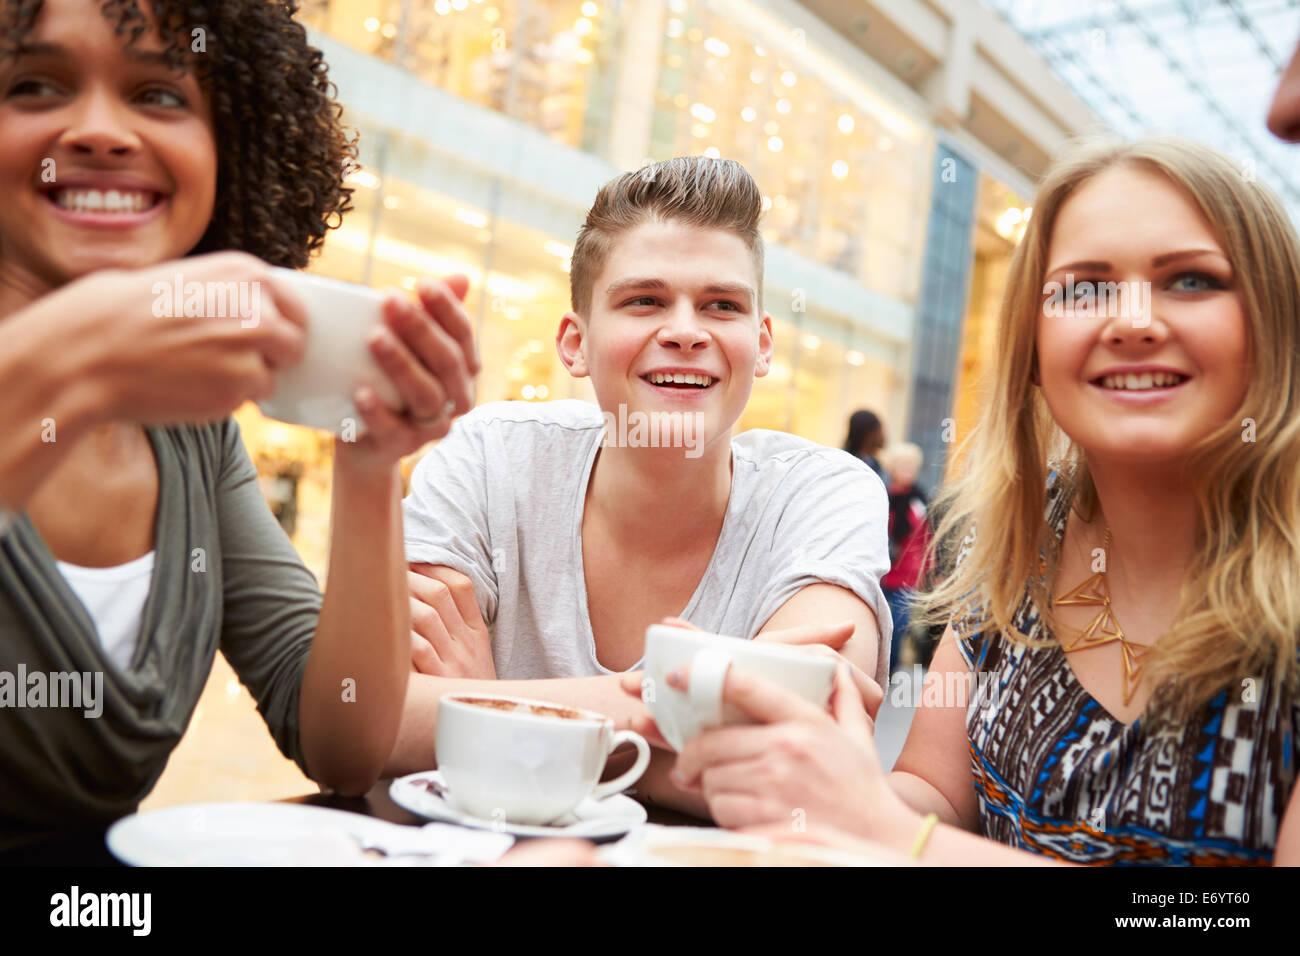 Grupo de Jóvenes Amigos en Café Imagen De Stock